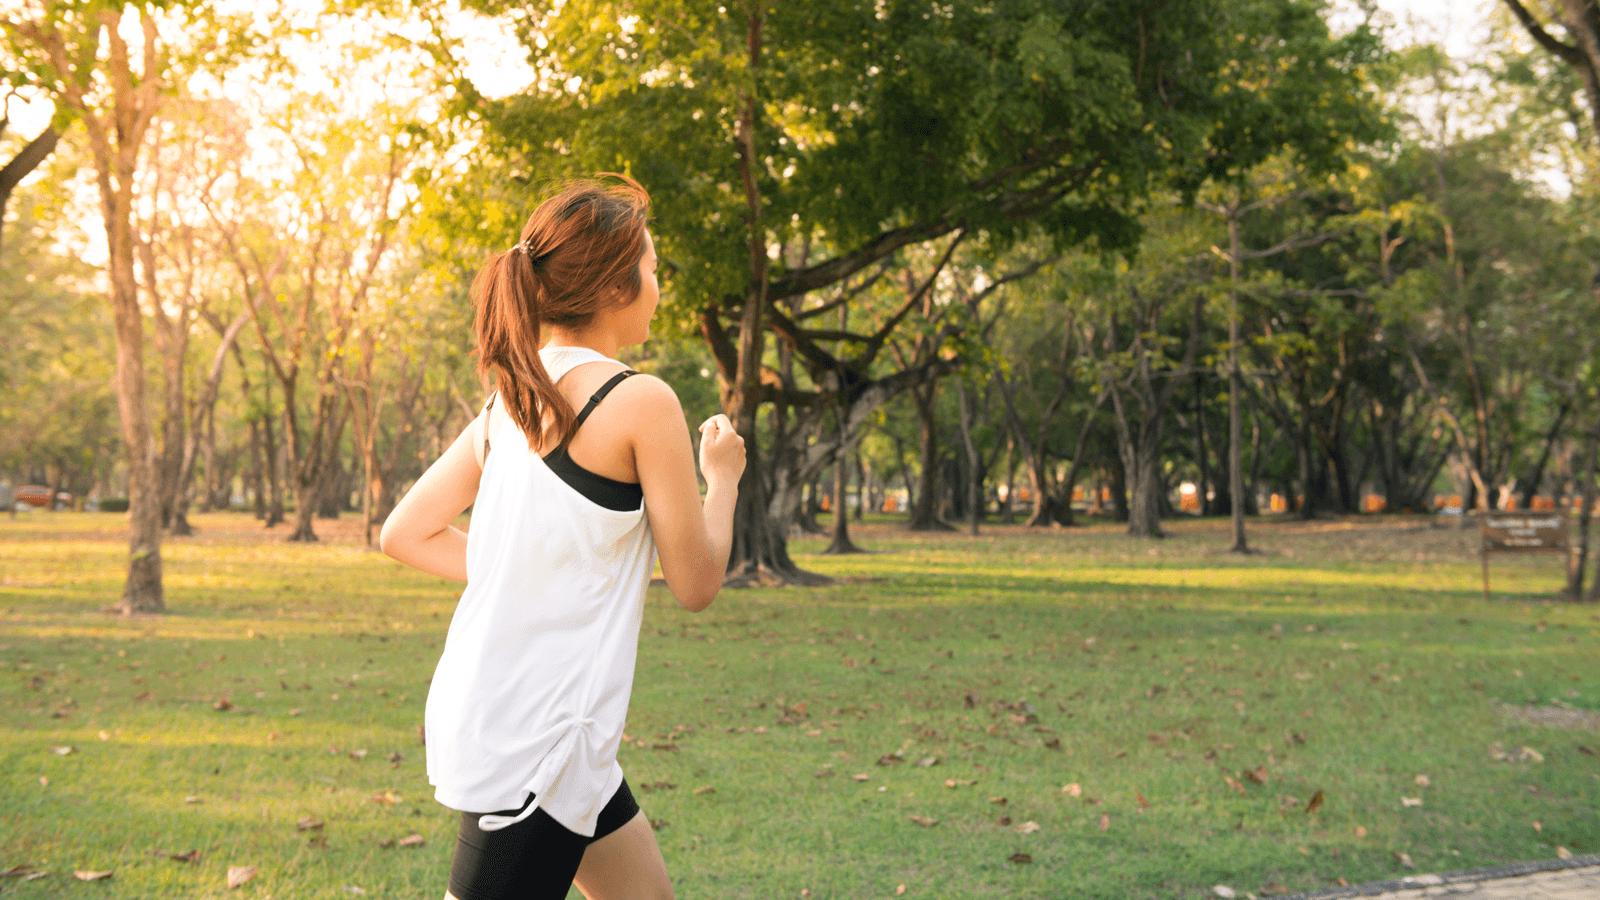 Lối sống ít vận động là một trong những nguyên nhân hàng đầu khiến tuổi thọ của bạn giảm xuống.